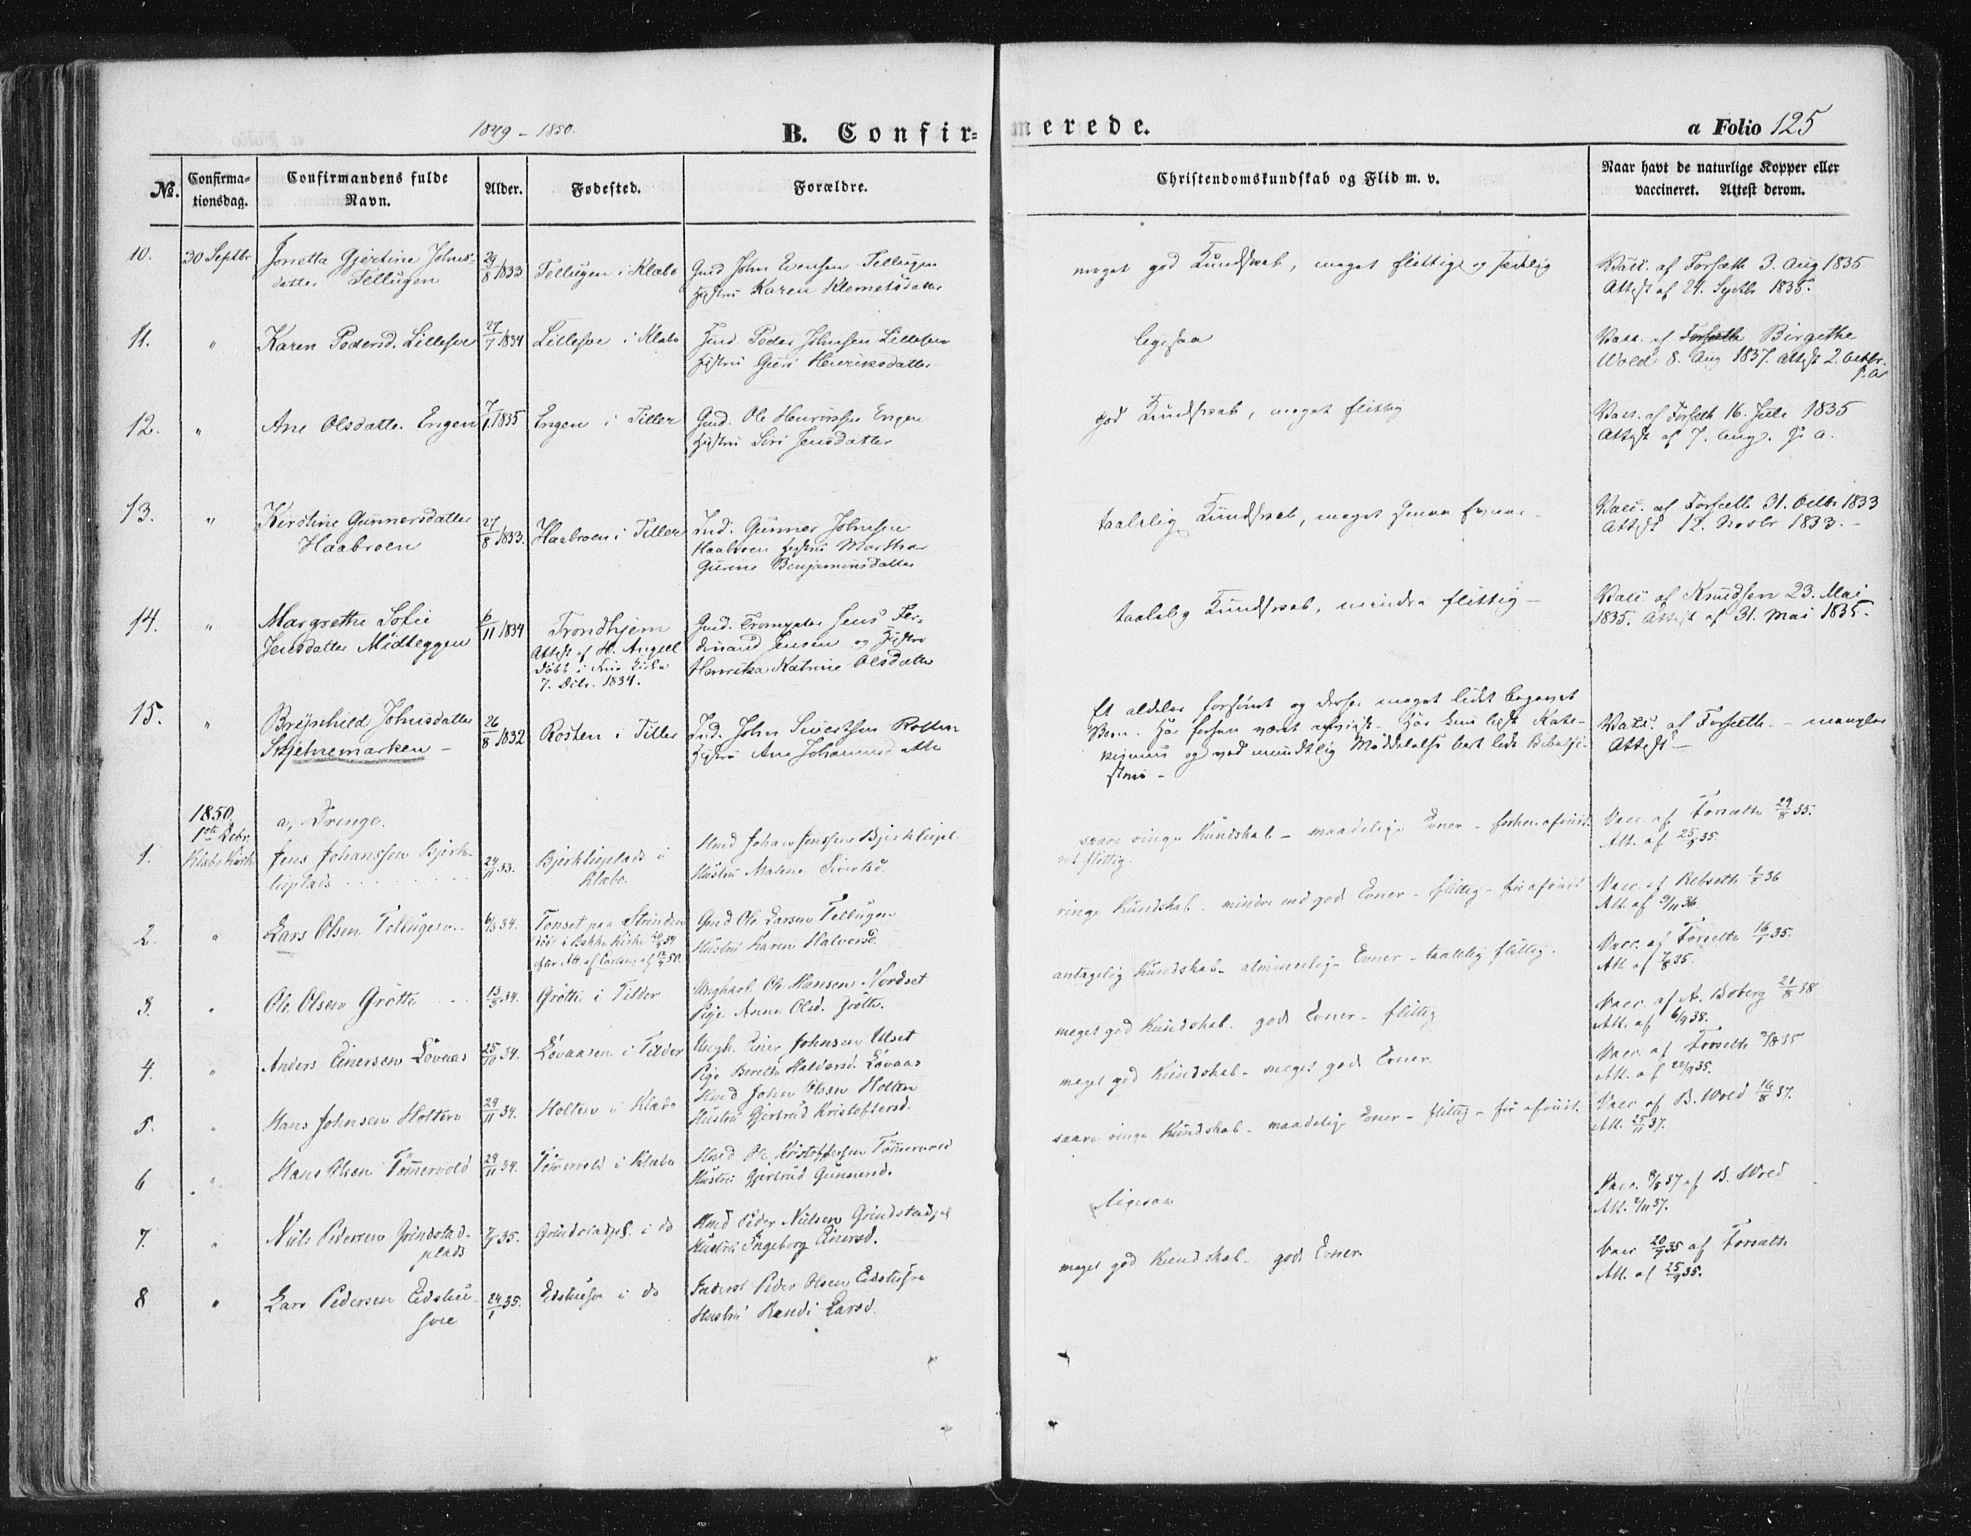 SAT, Ministerialprotokoller, klokkerbøker og fødselsregistre - Sør-Trøndelag, 618/L0441: Ministerialbok nr. 618A05, 1843-1862, s. 125